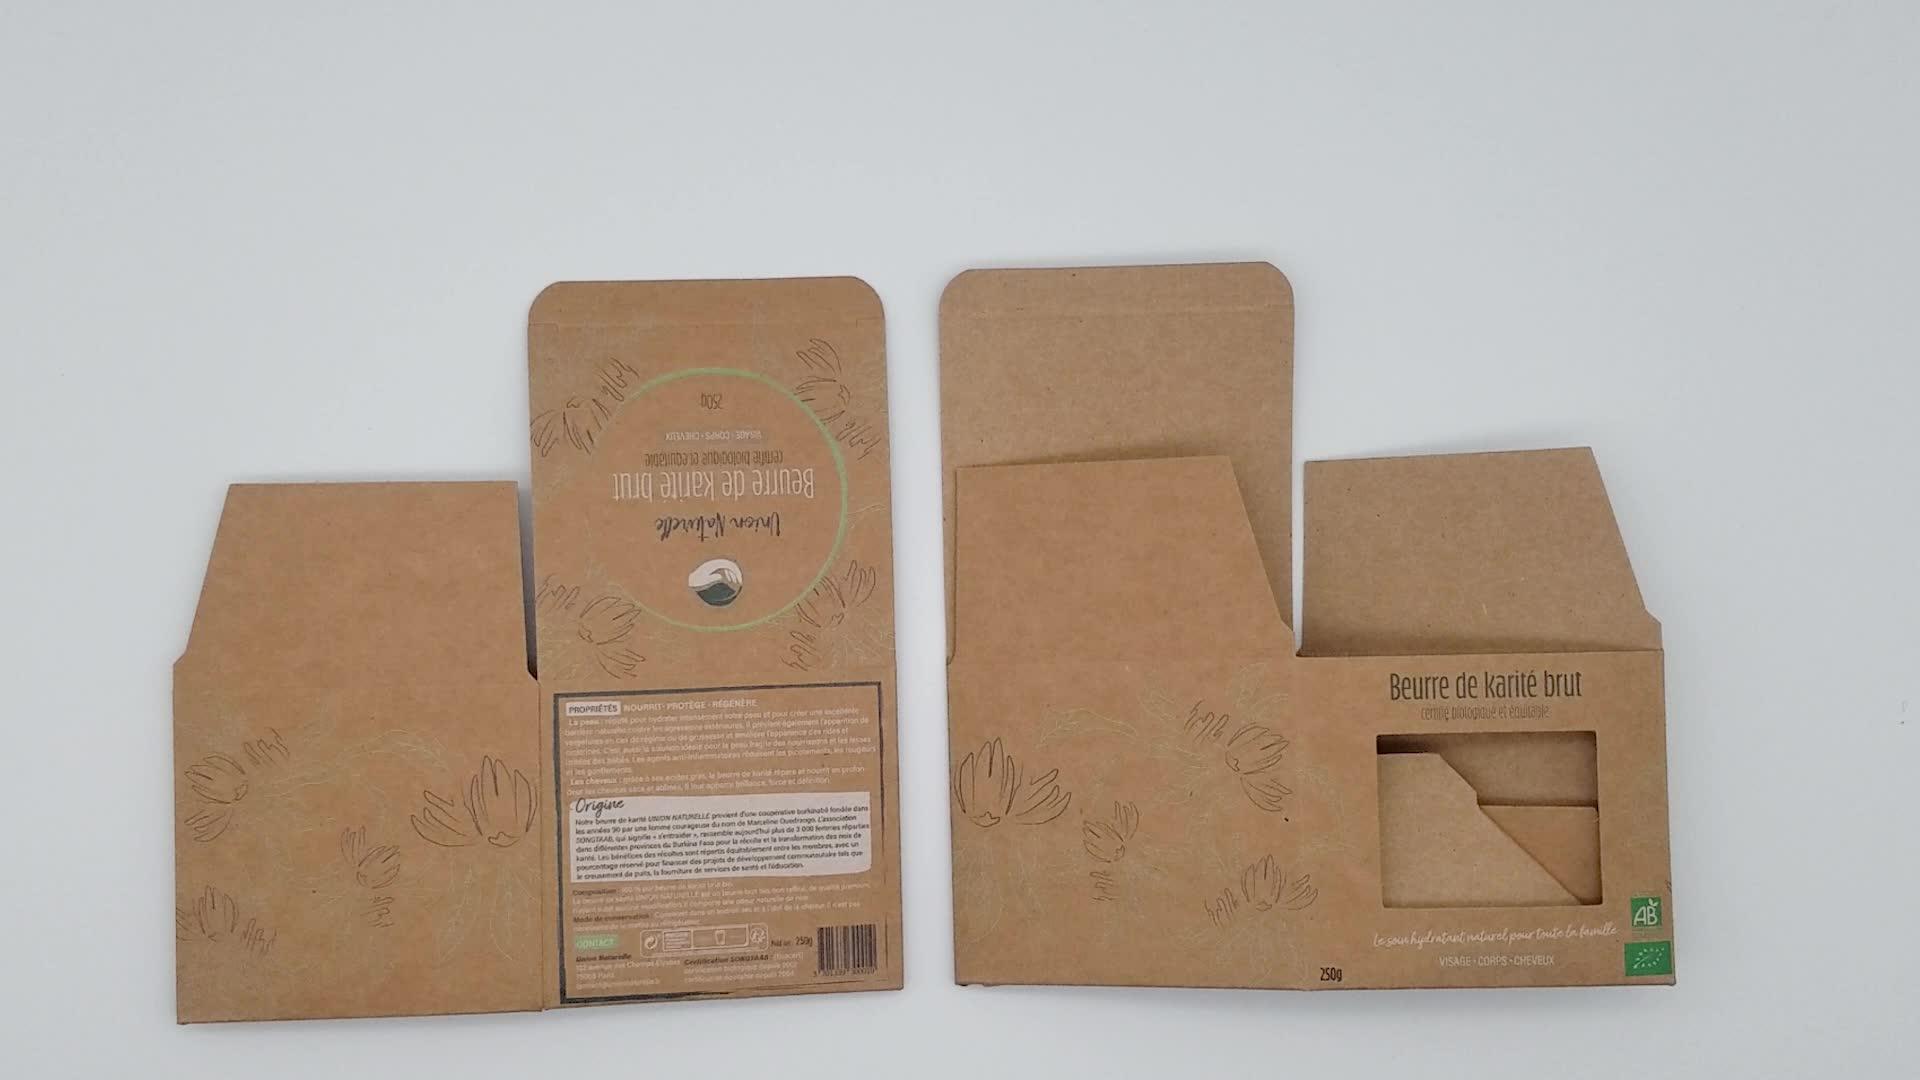 5% rabatt Nach Wenig Kraft Papier Box Mit Fenster Deckel